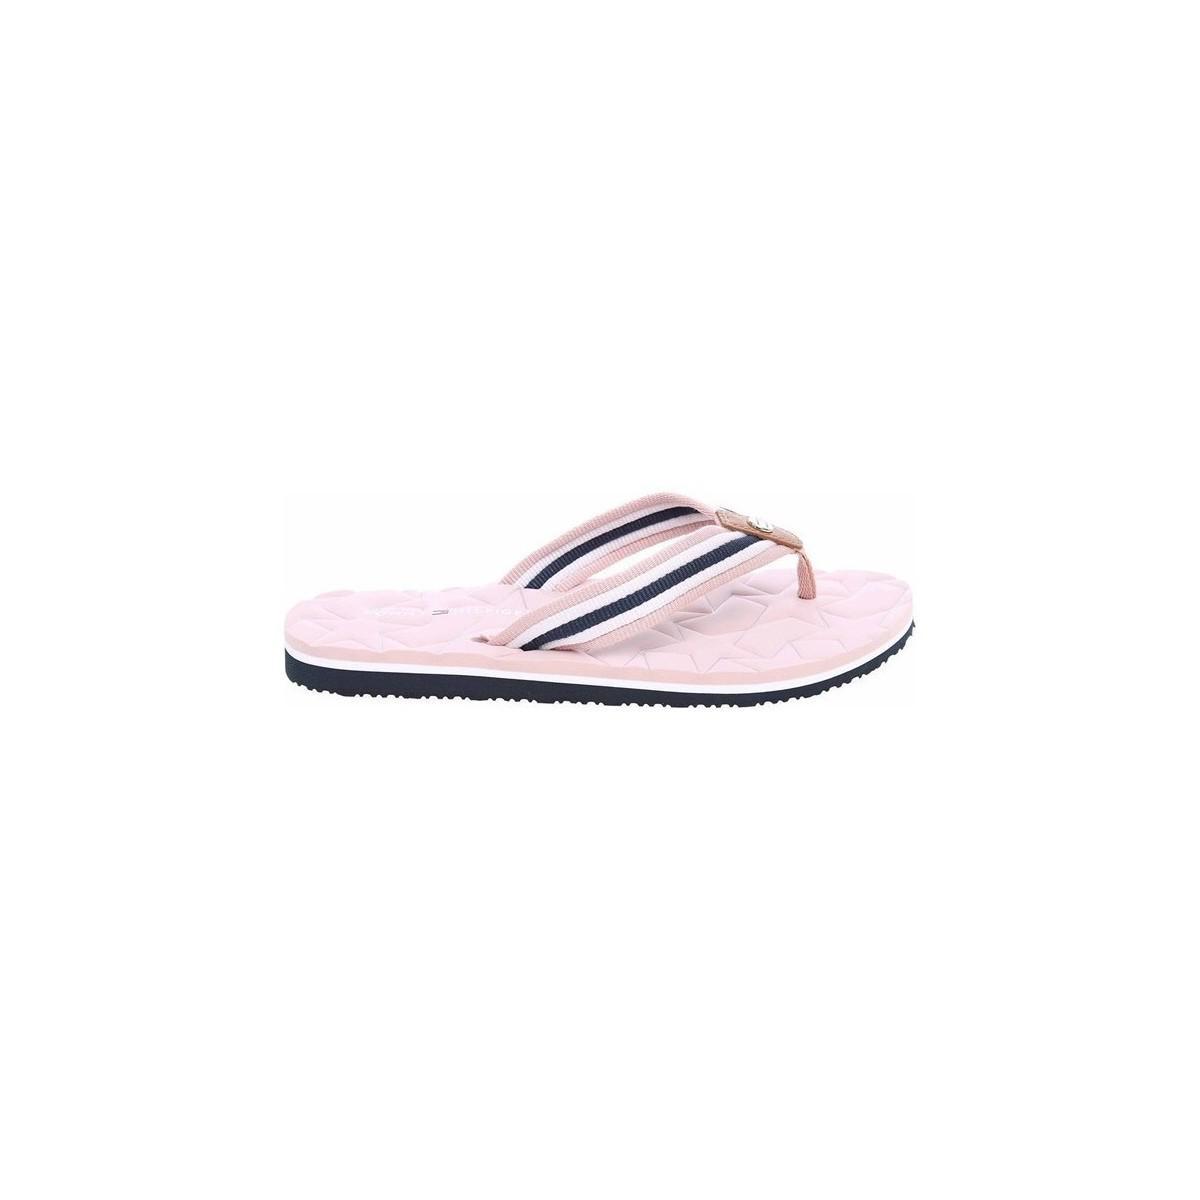 ac0154b26 Tommy Hilfiger Comfort Low Beach W8b Dusty Rose Women s Flip Flops ...